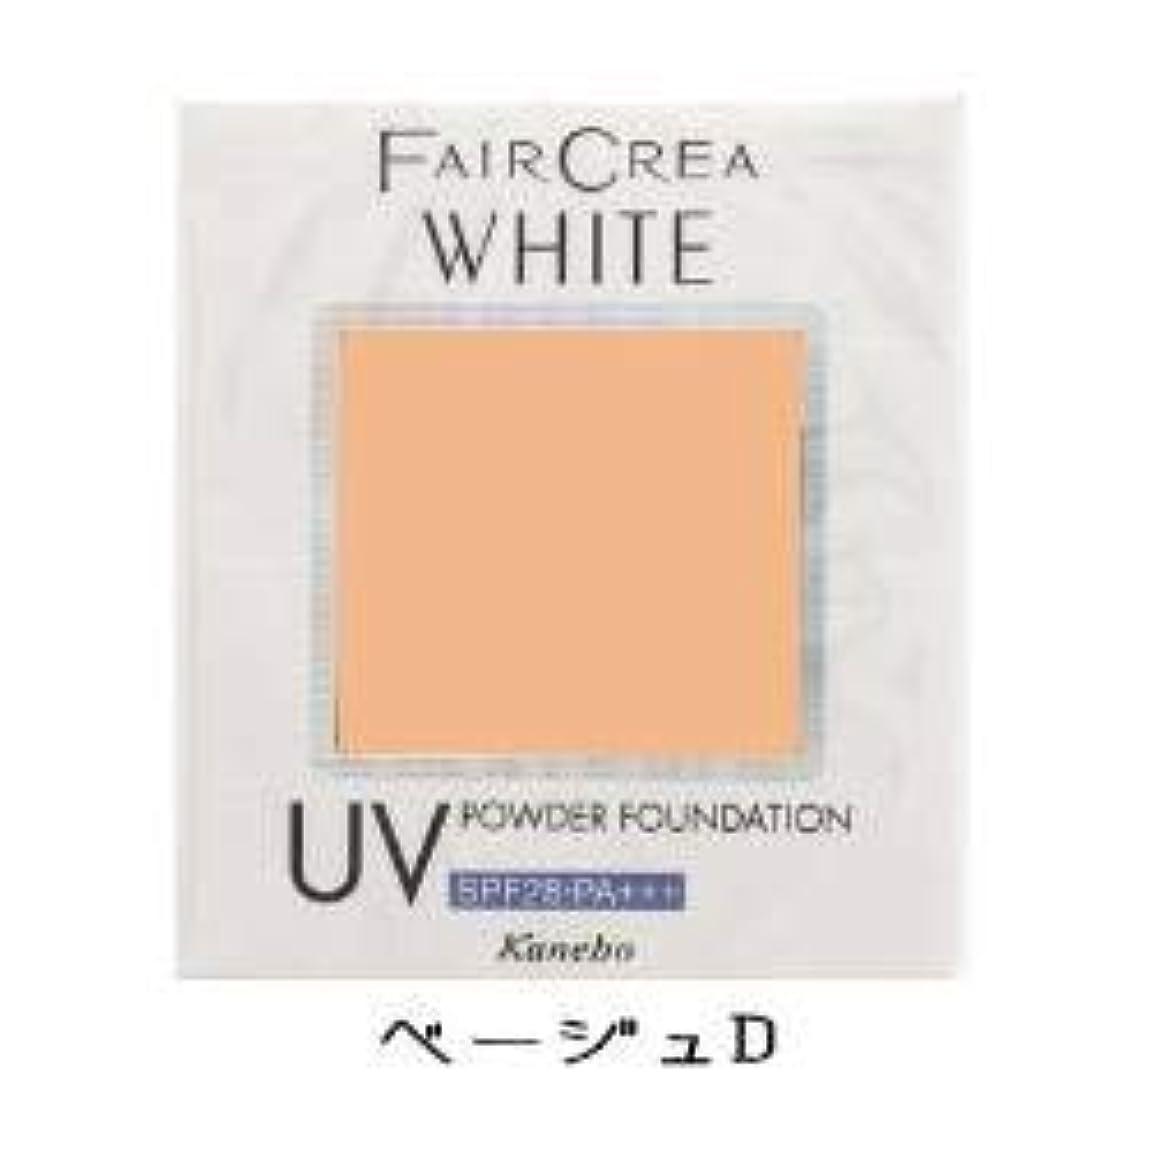 ホット剃る港カネボウ フェアクレア ホワイトUVパウダーファンデーション ベージュ-D(10g)